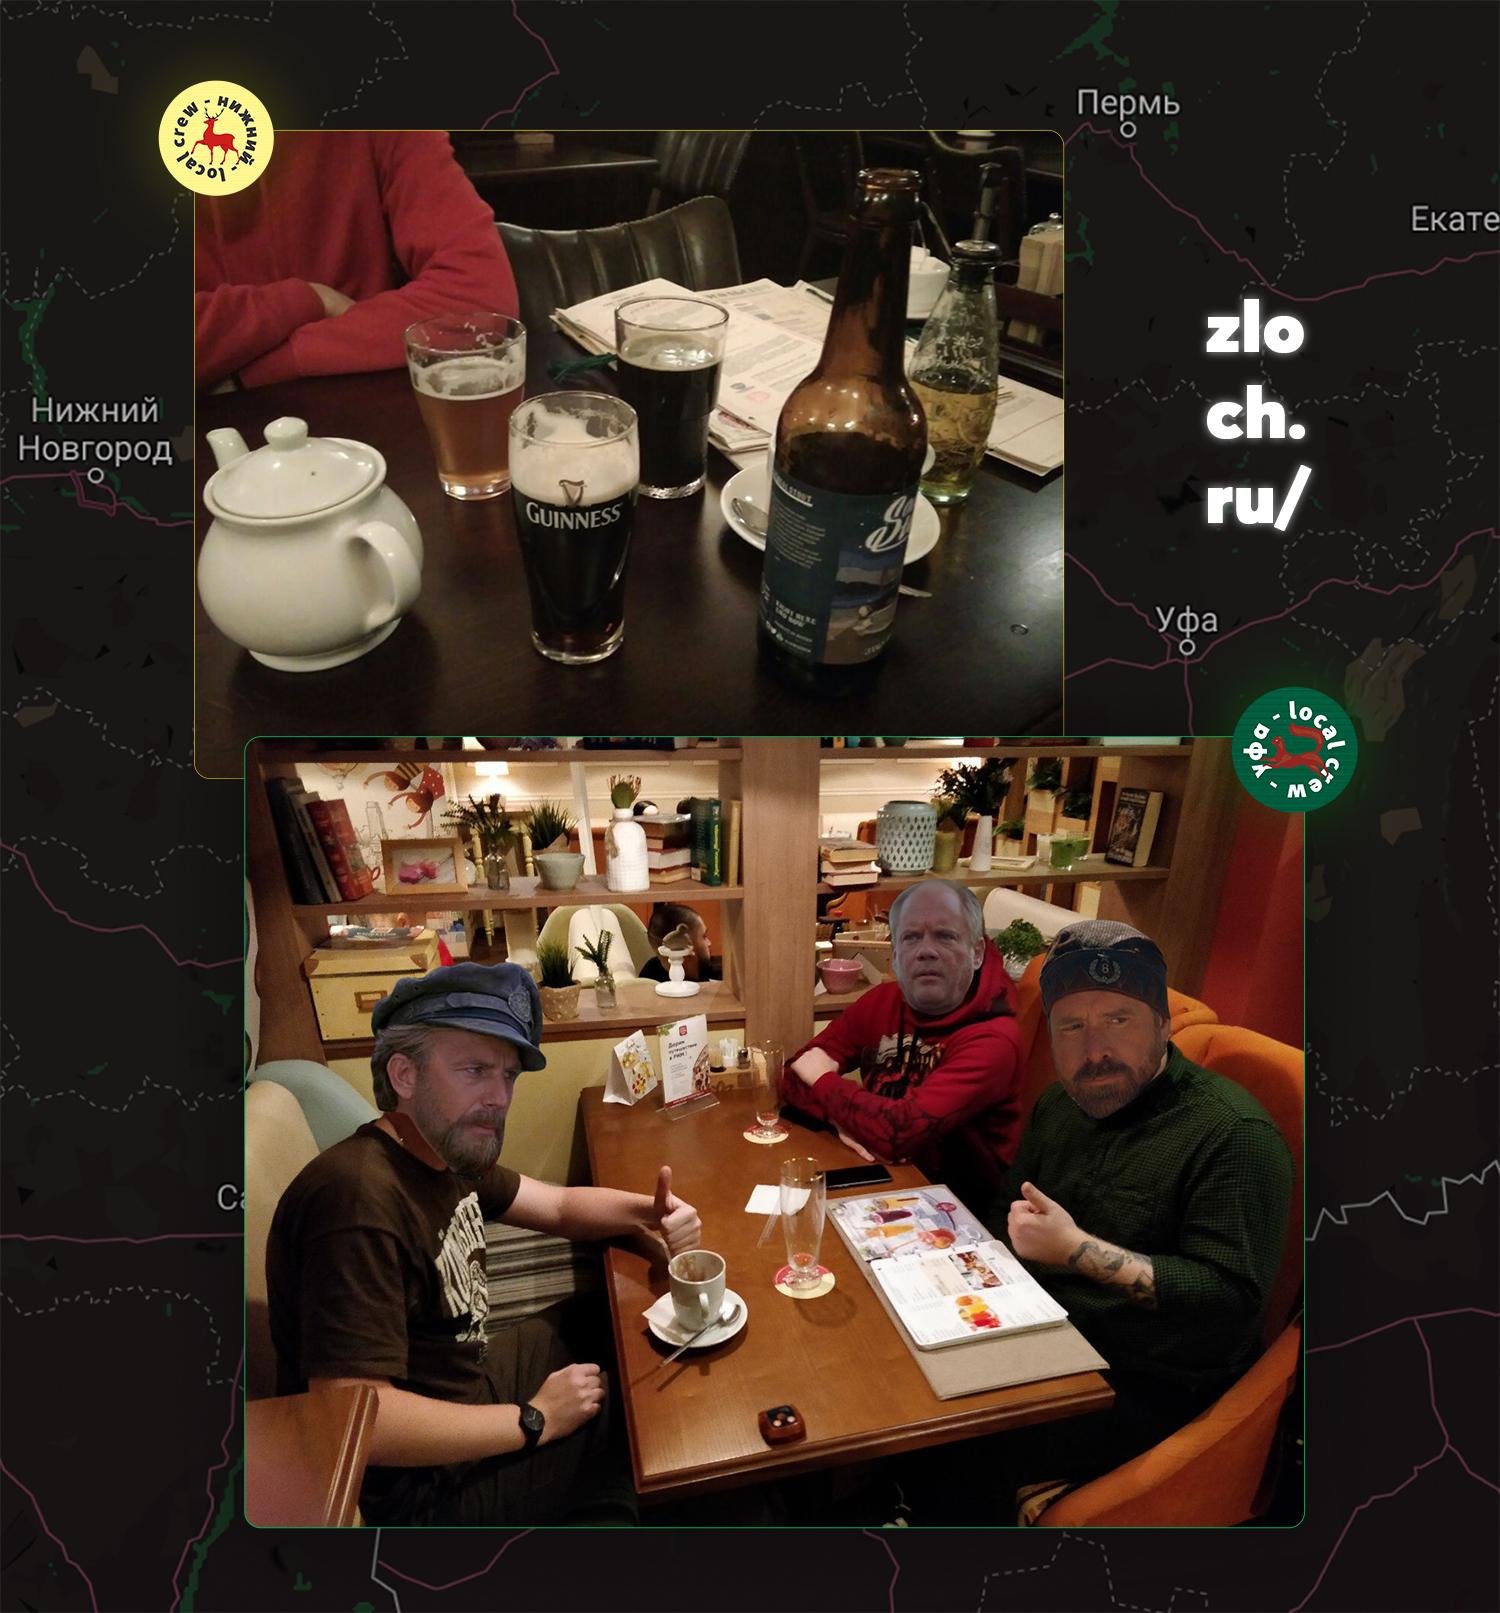 Встречи в Уфе и Нижнем Новгороде, 11 ноября